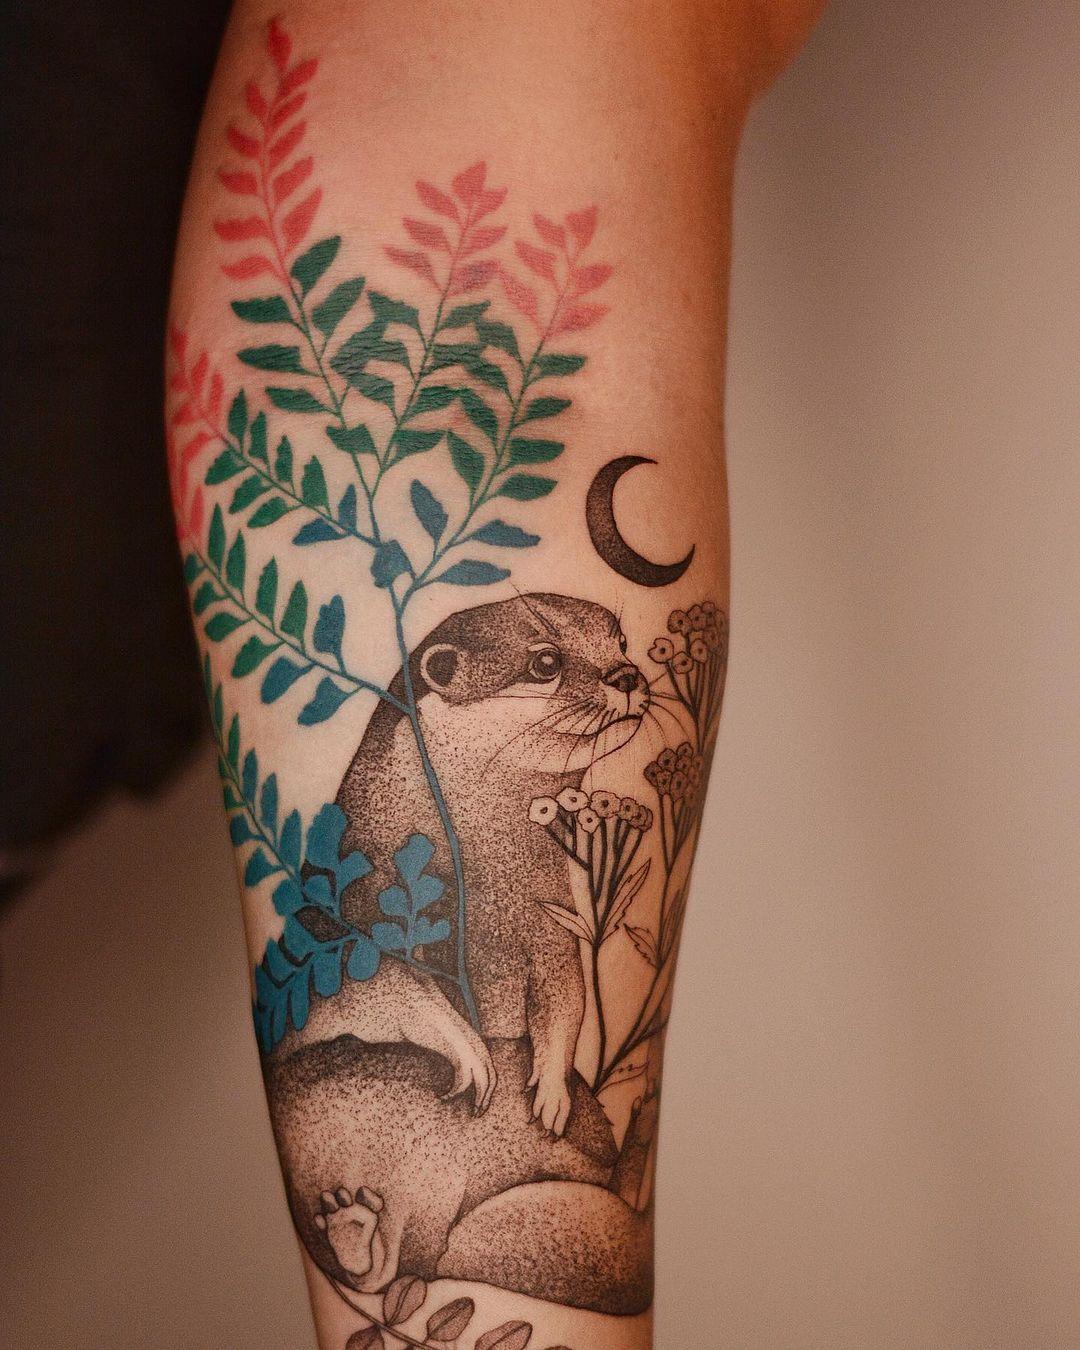 Nature-Inspired Tattoo Art by Dzo Lamka